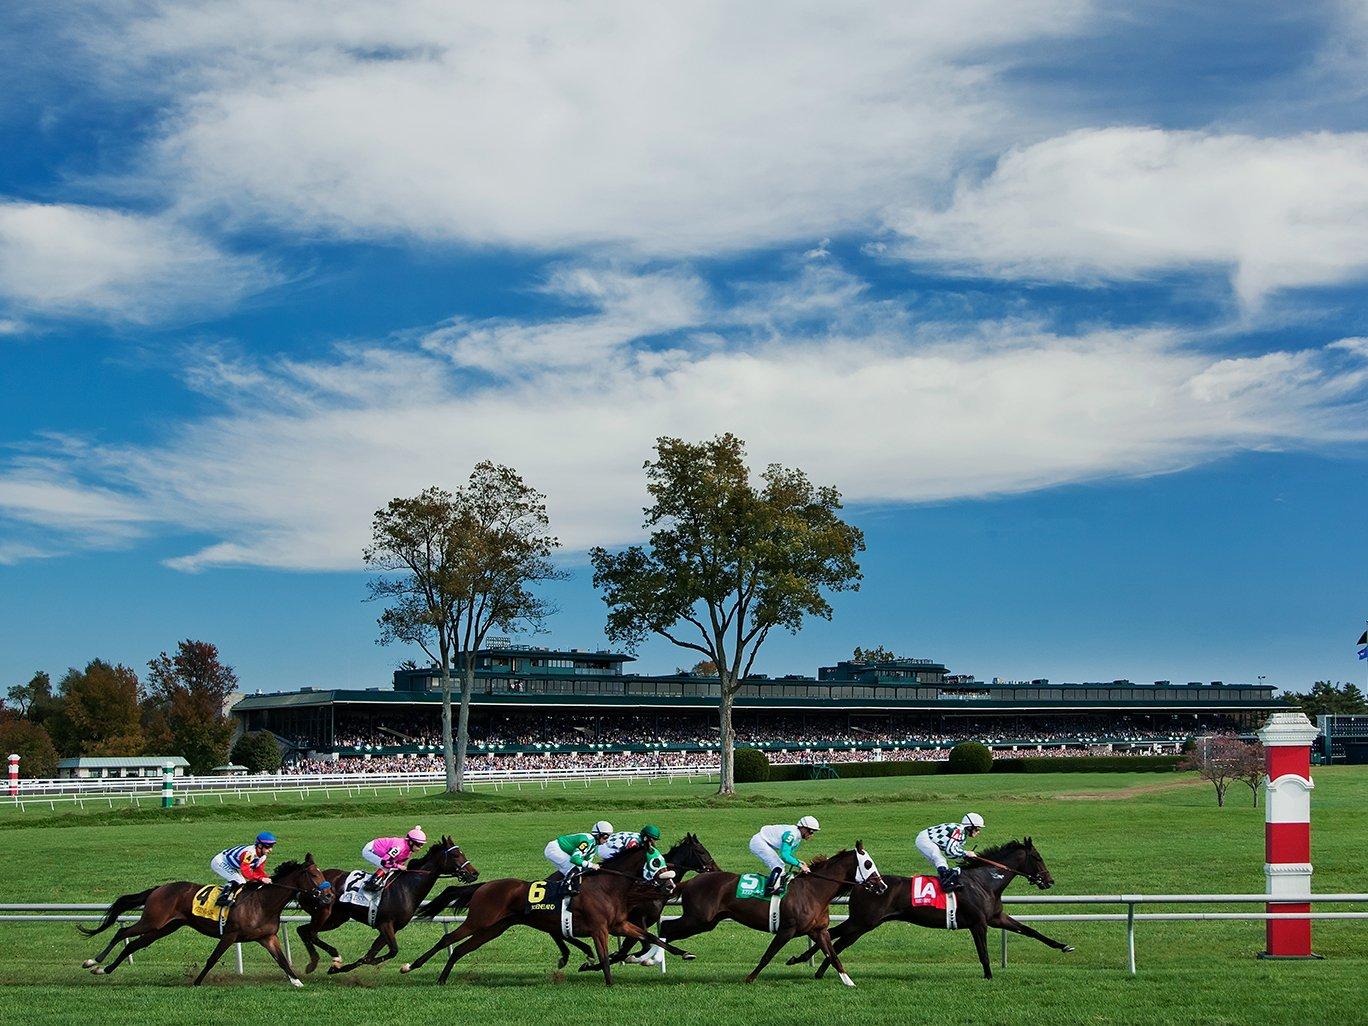 Keeneland Racecourse